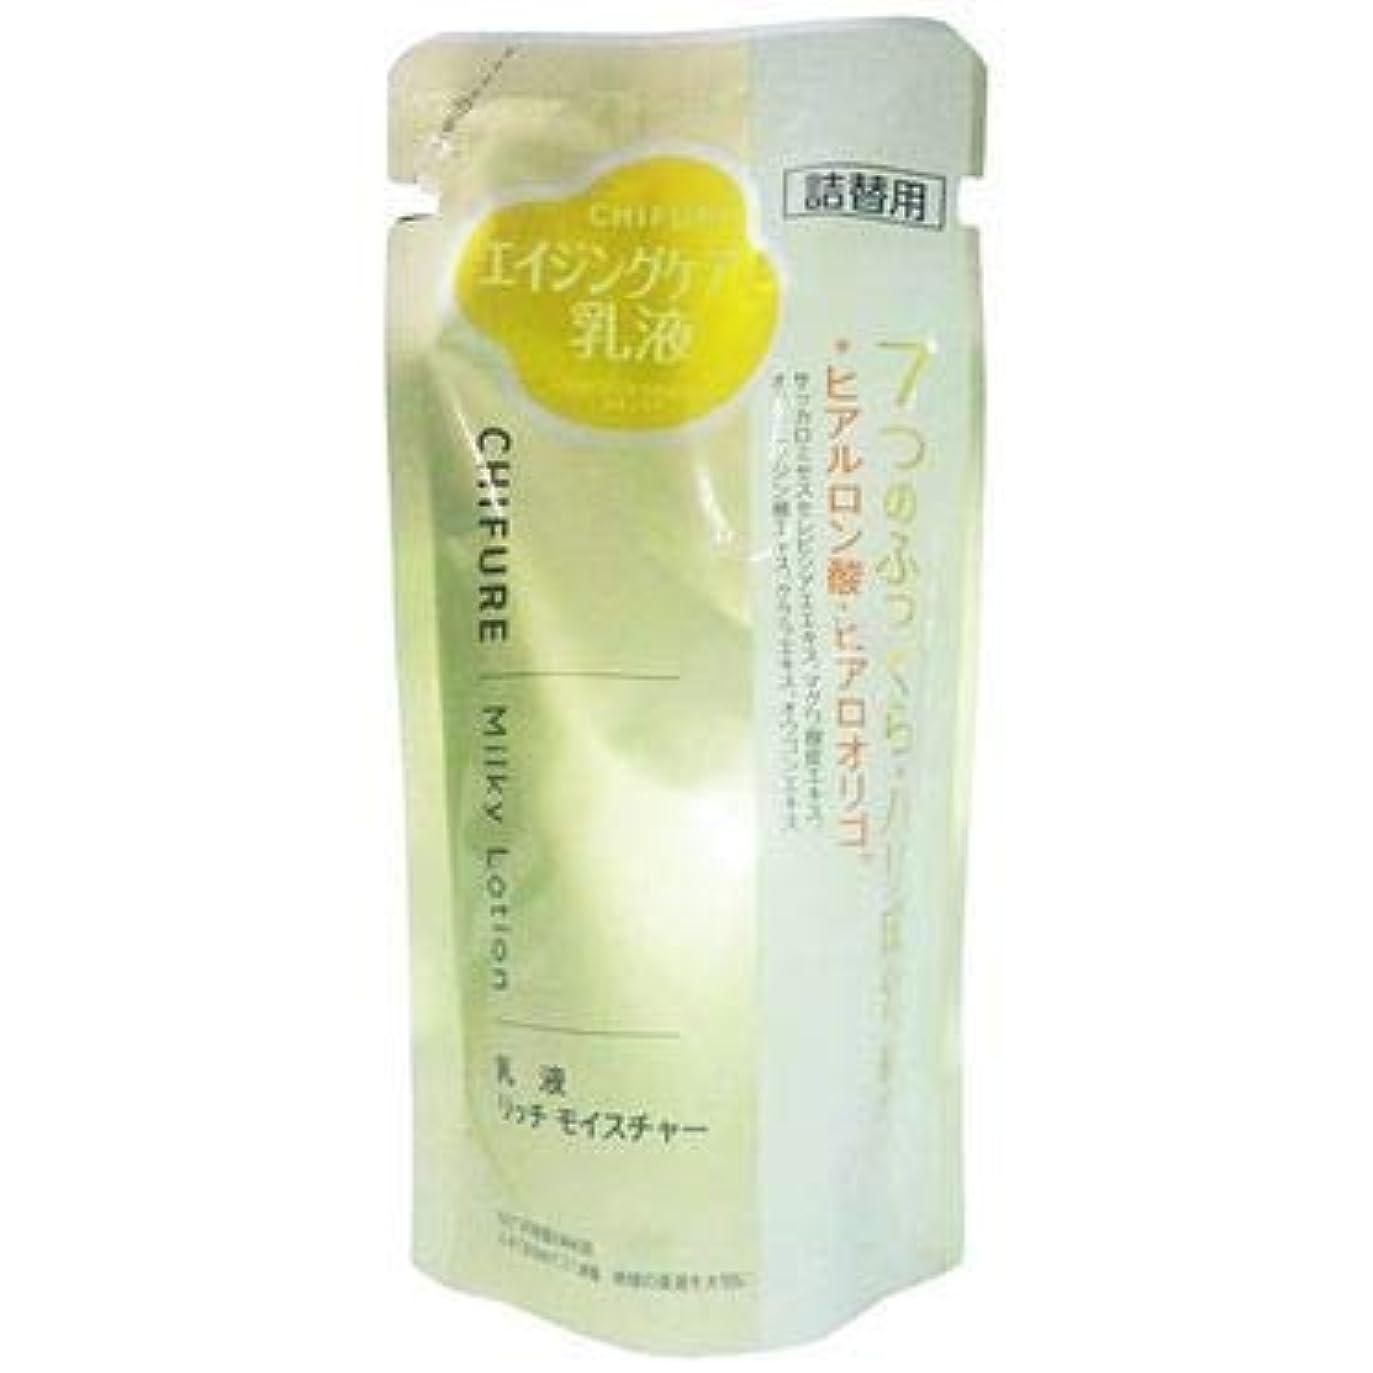 フレア憧れ追加ちふれ化粧品 乳液 リッチモイスチャータイプ 150ml (詰替)